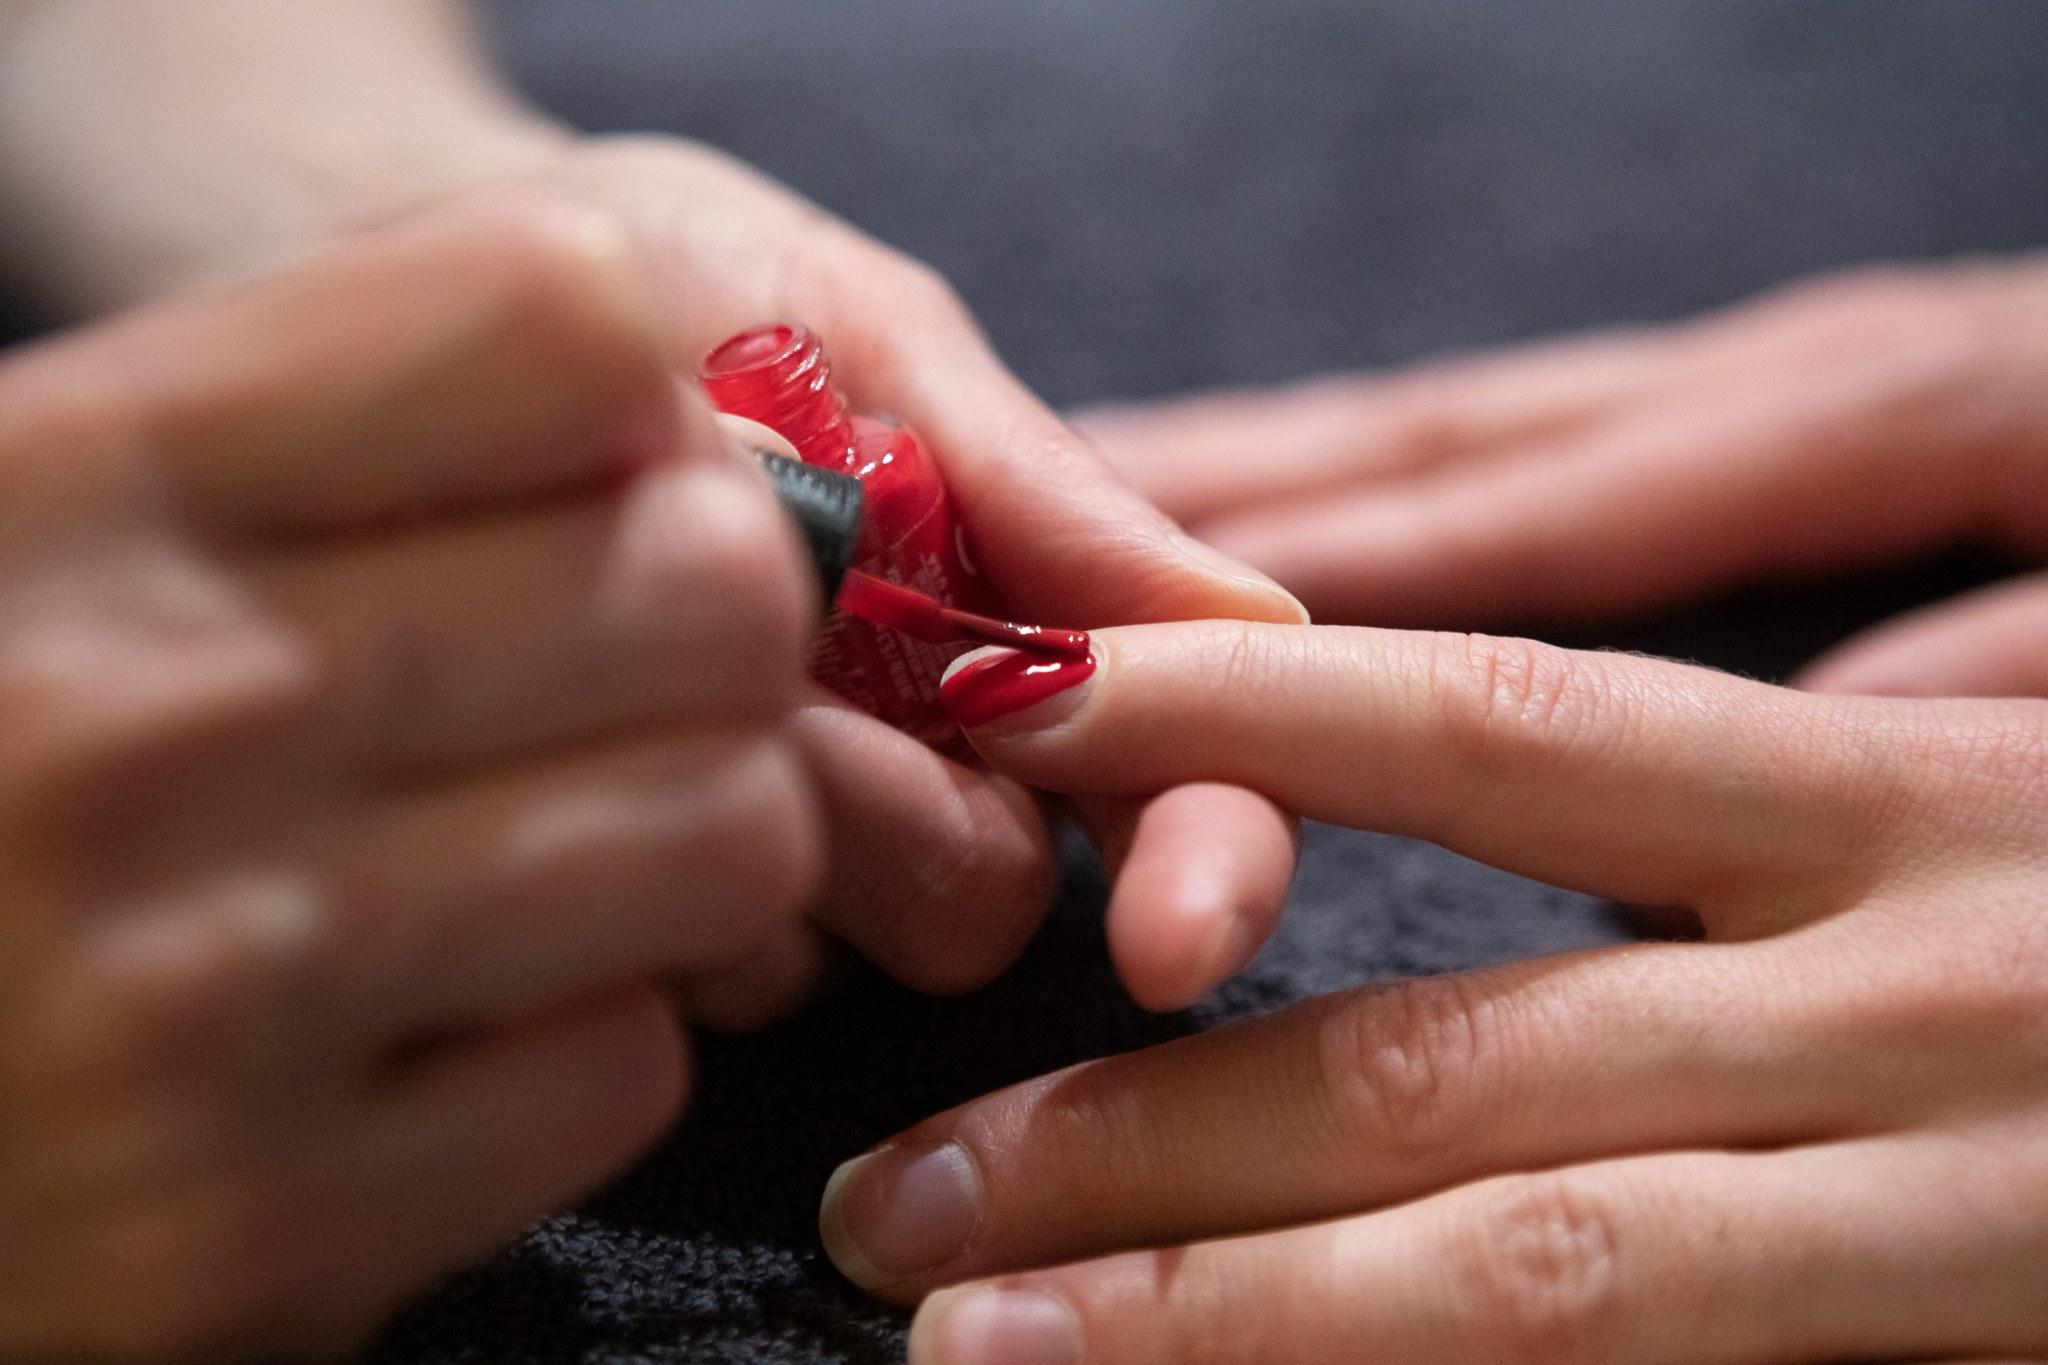 käsihoidot - Pehmeät, sileät ja hyvin hoidetut kädet arkeen tai juhlaan!